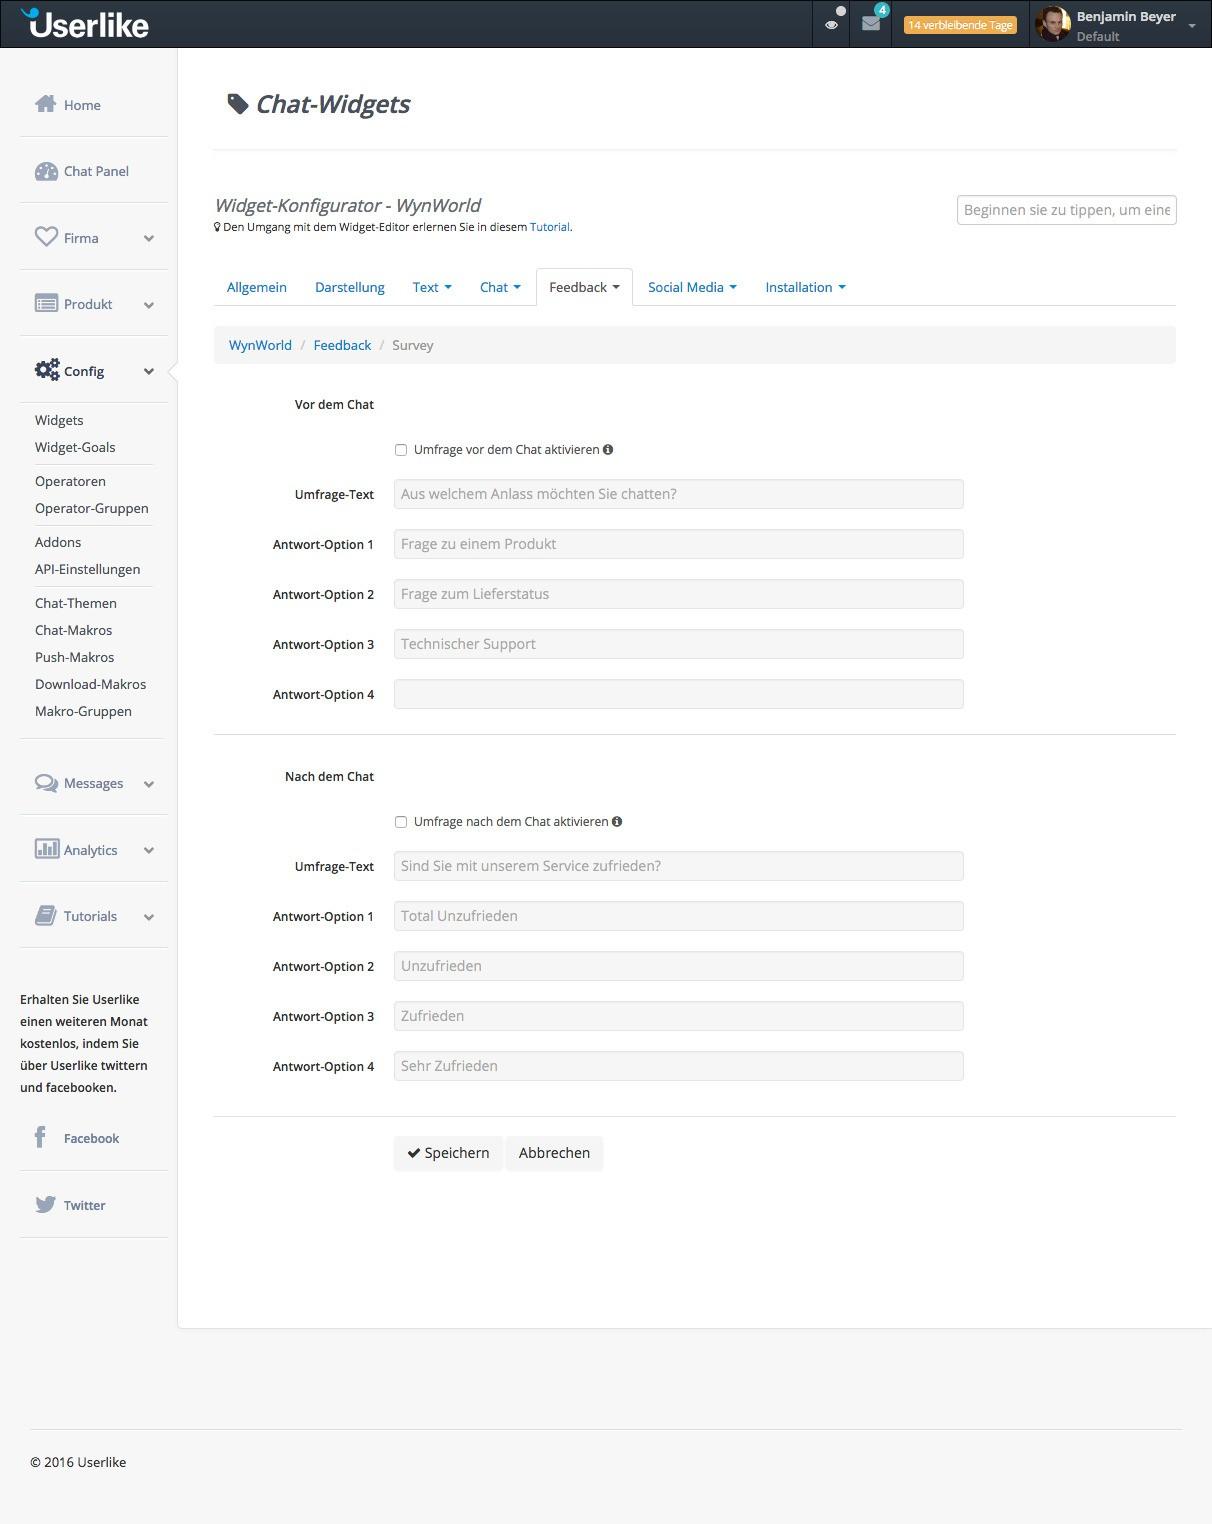 Userlike - Widget Konfigurator - Feedback Umfrage